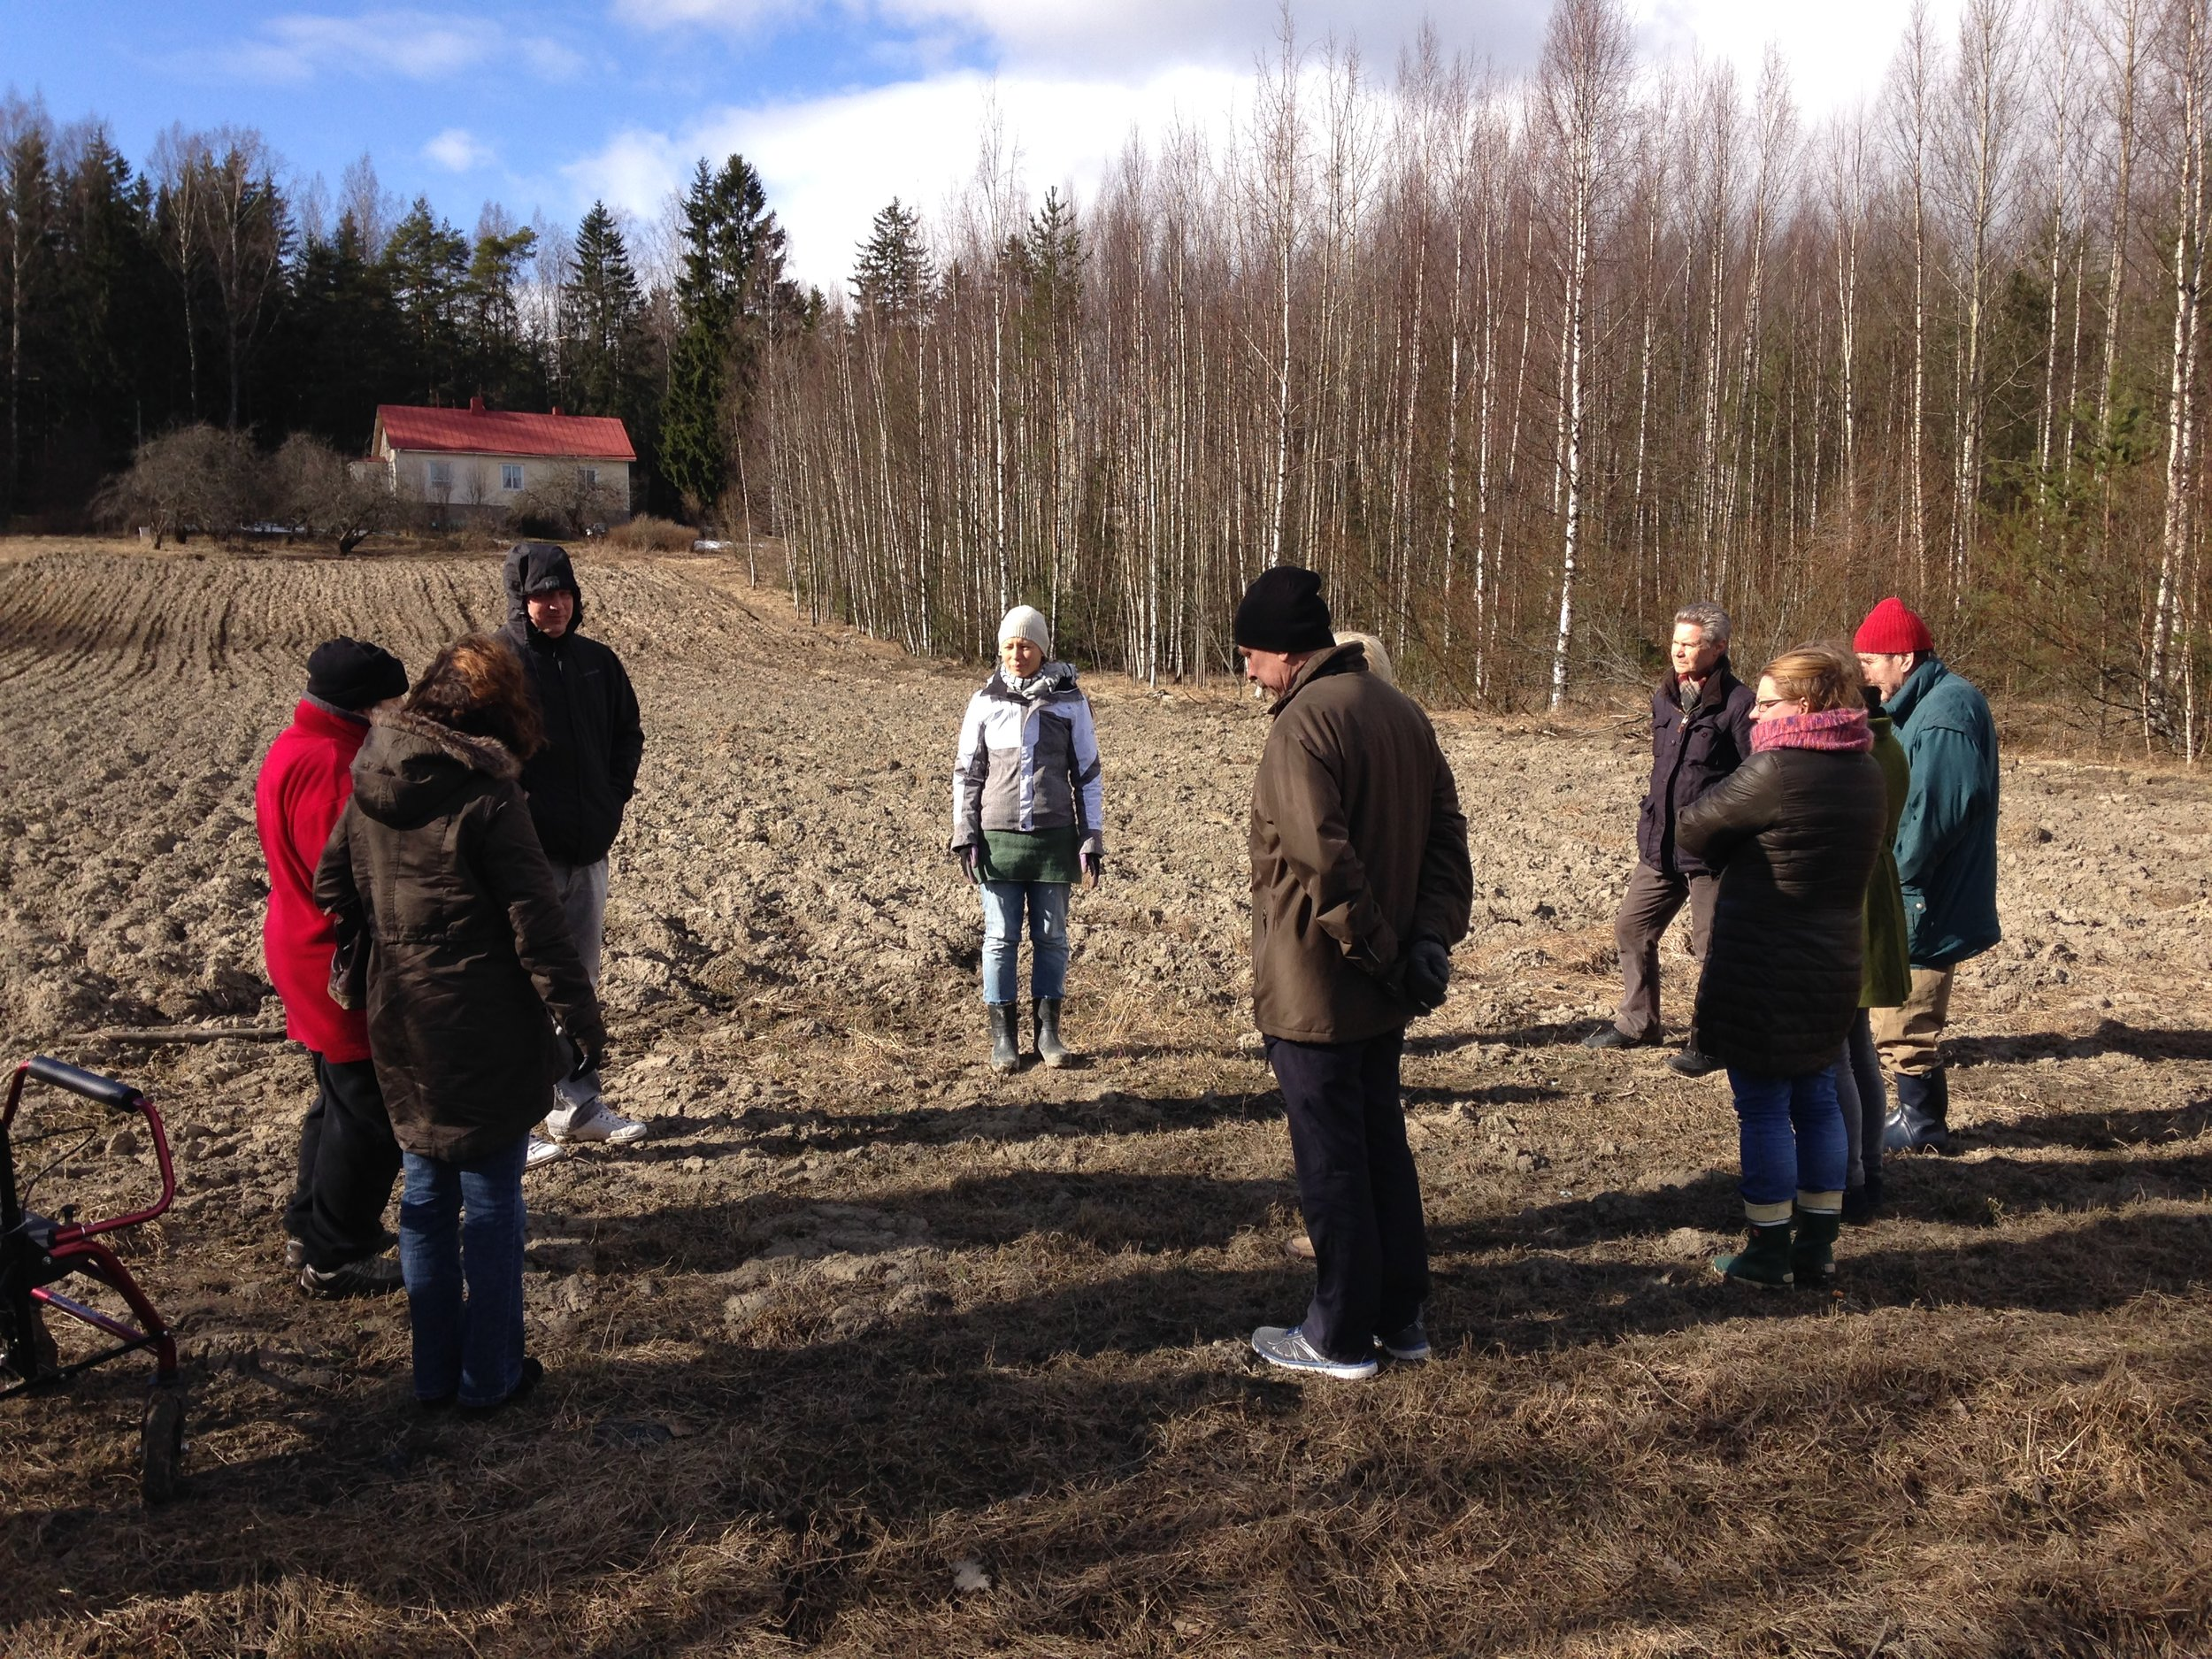 Lilinkotisäätiön henkilökuntaa ja asukkaita tutustumassa Kaupunkilaistemn omaan peltoon. Heidi Hovi kertoo viljelysuunnitelmista ja esittelee toimintaa pellolla.